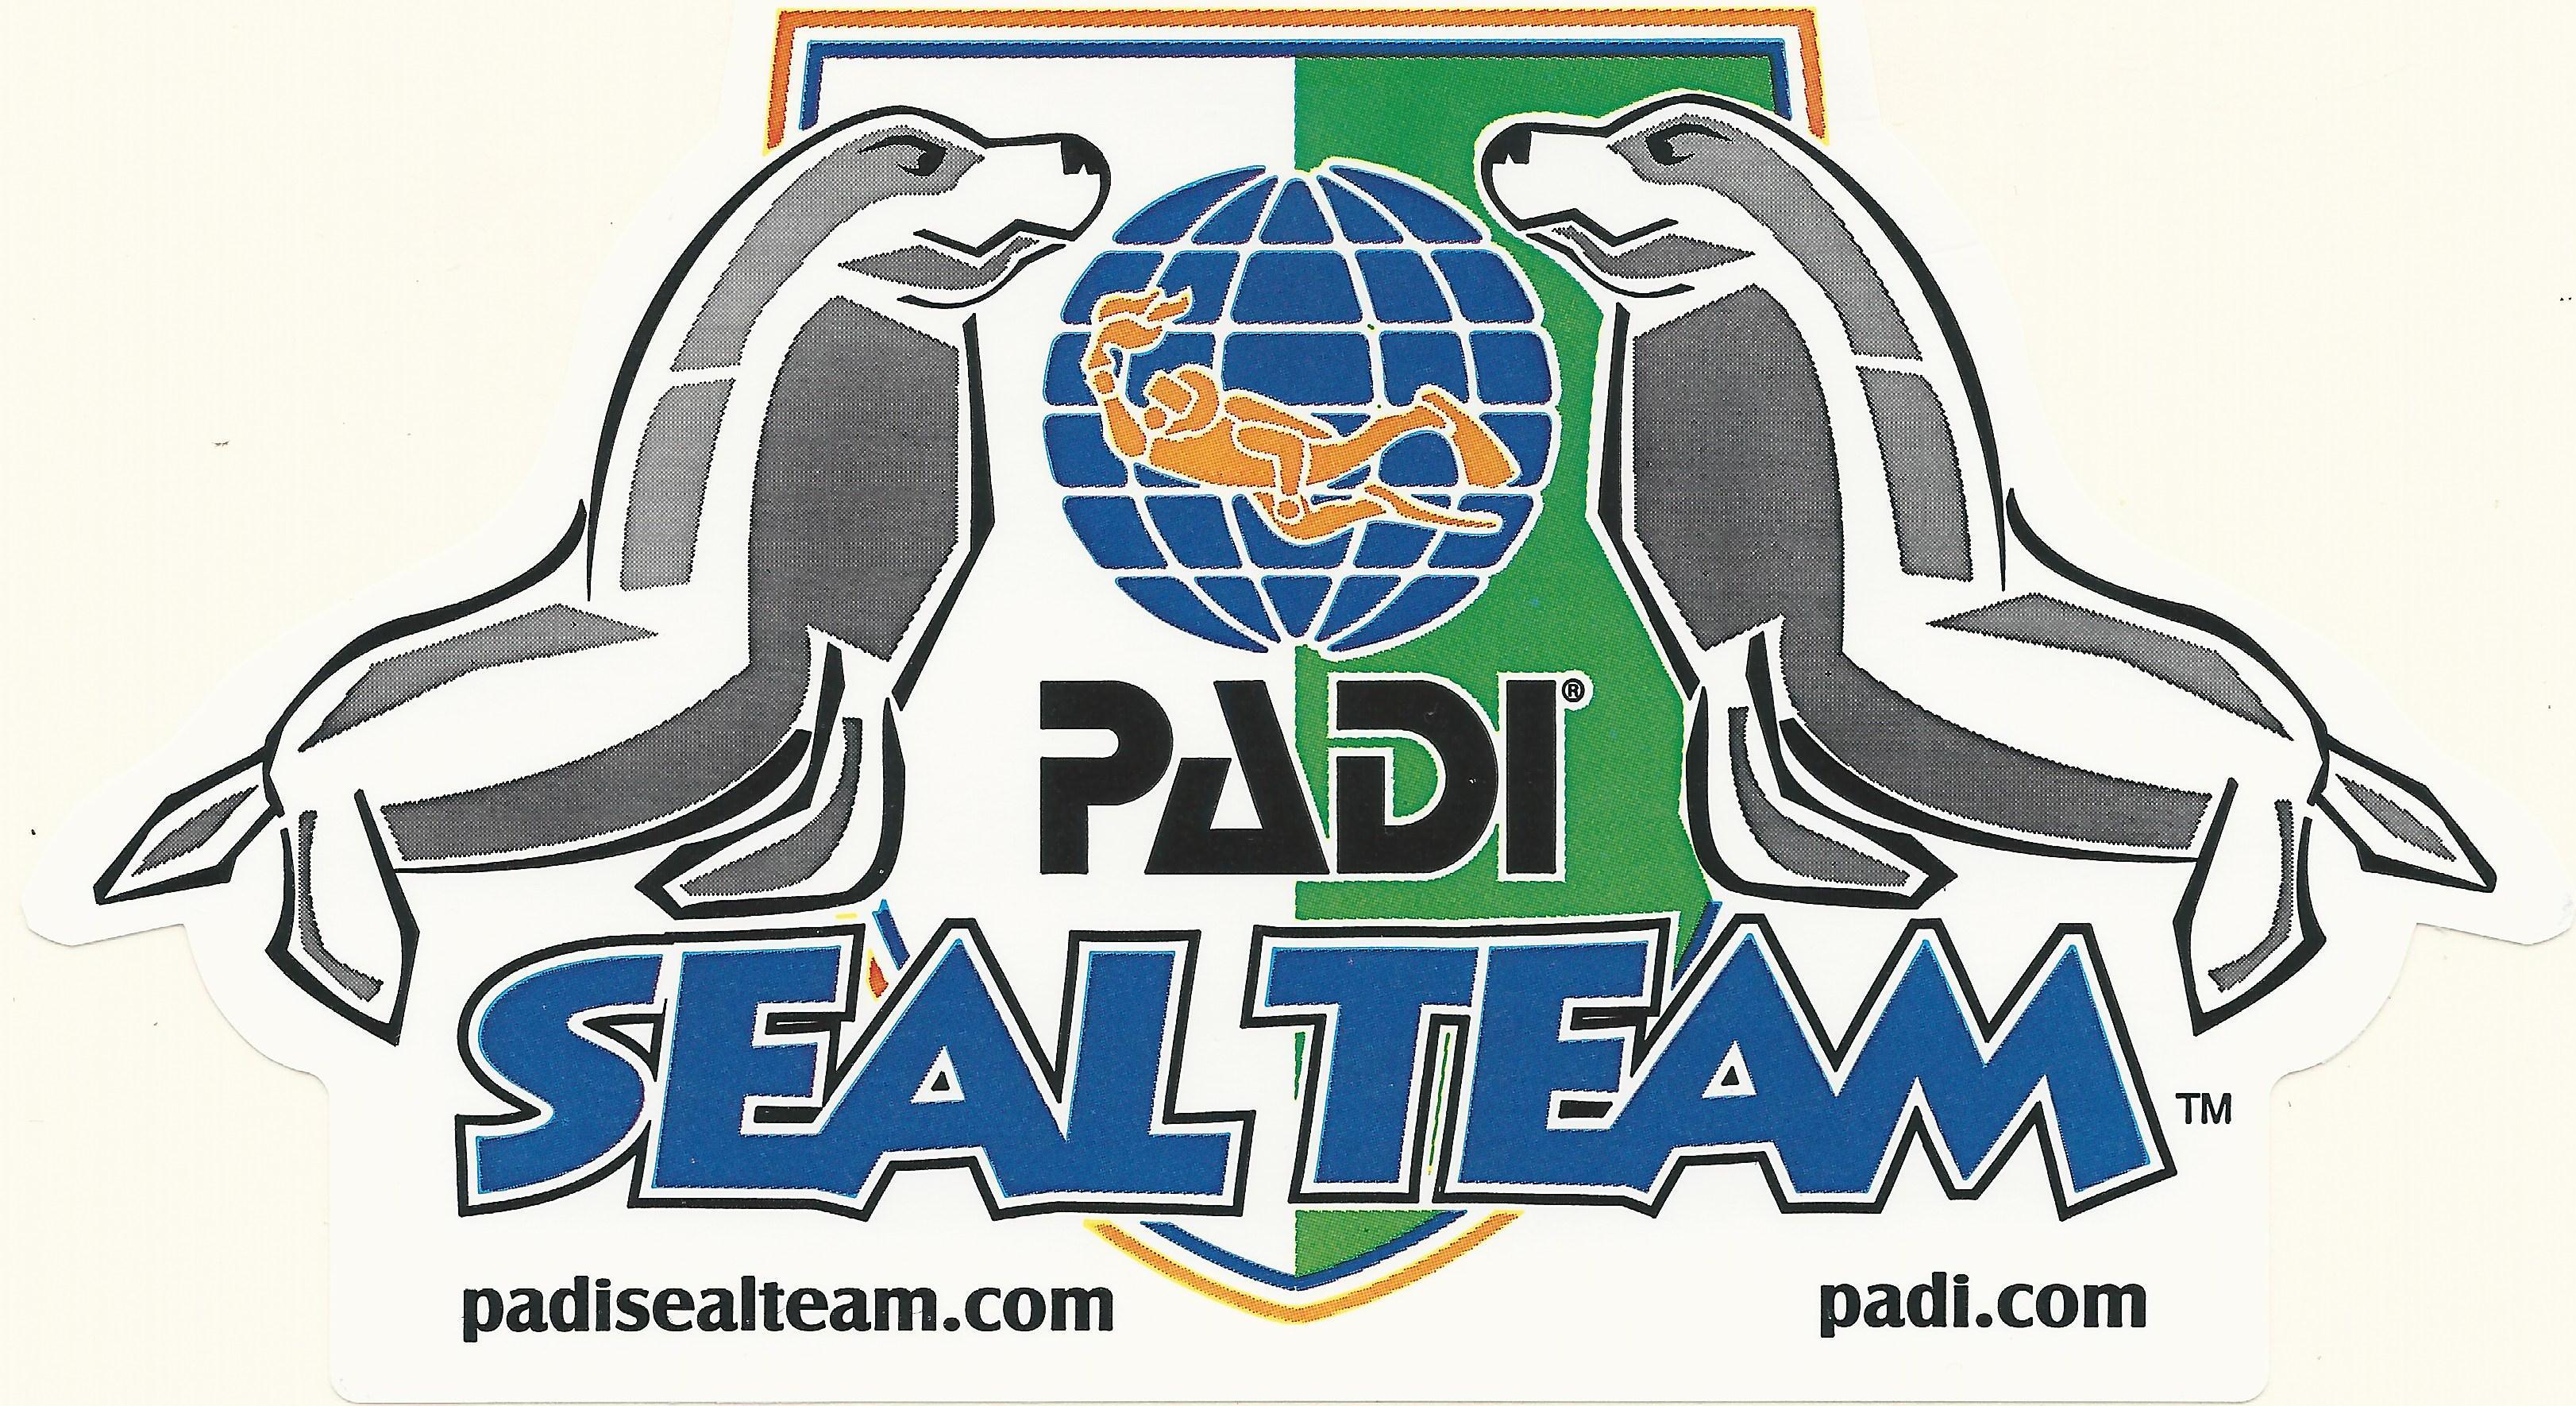 PADI Seal Team July Part A